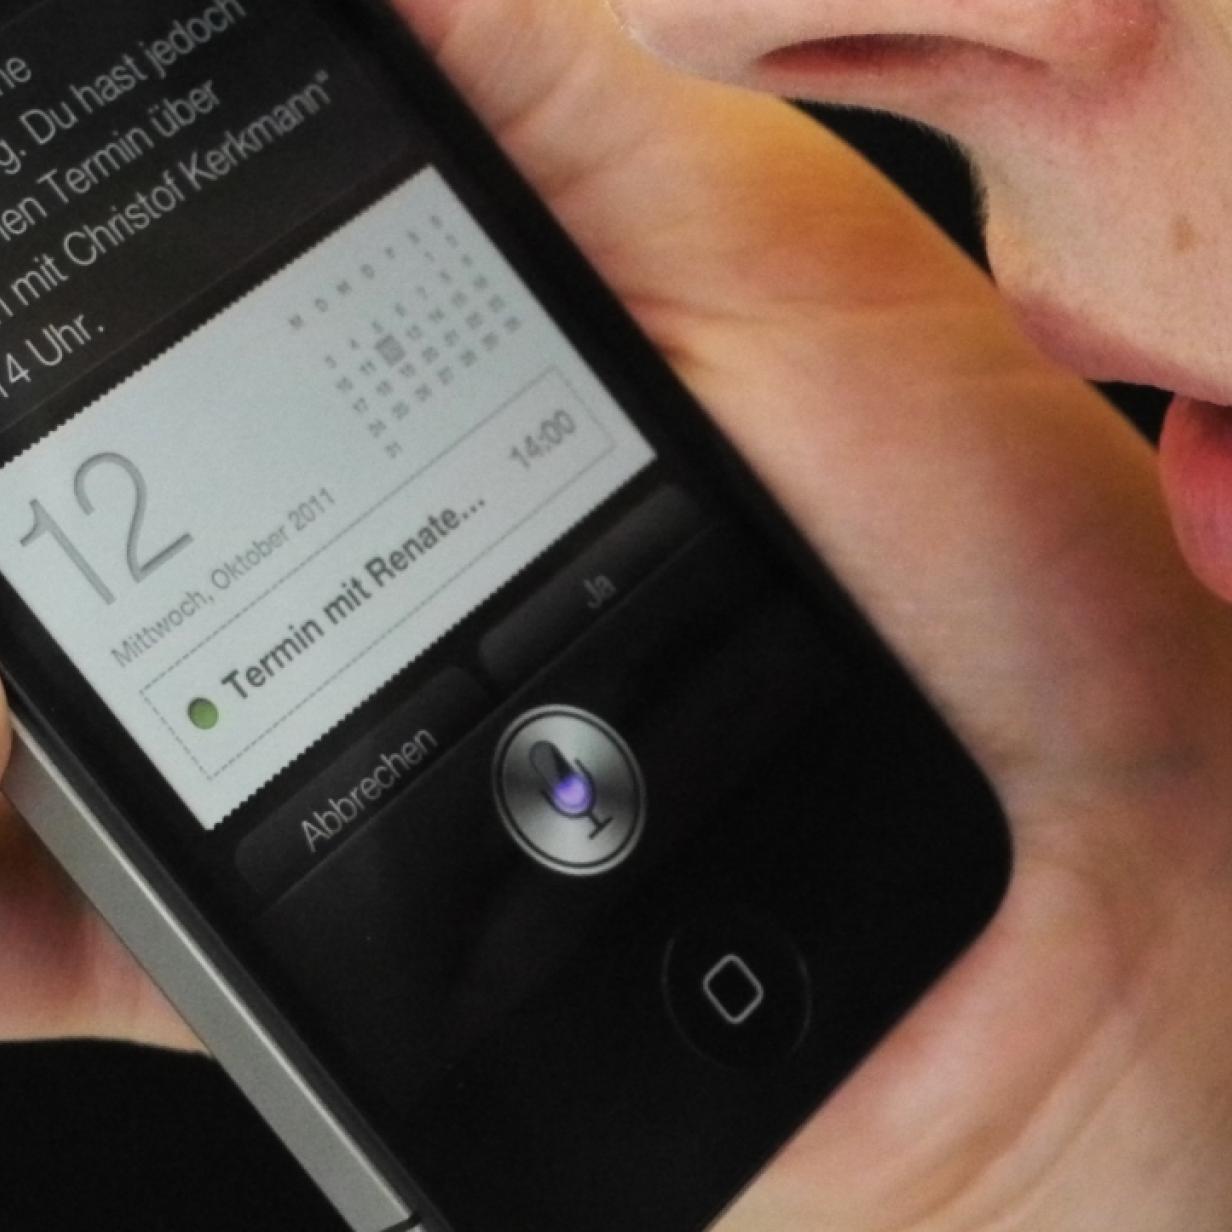 Wenn Siri lauscht: Apple stoppt die Auswertung von Mitschnitten weltweit